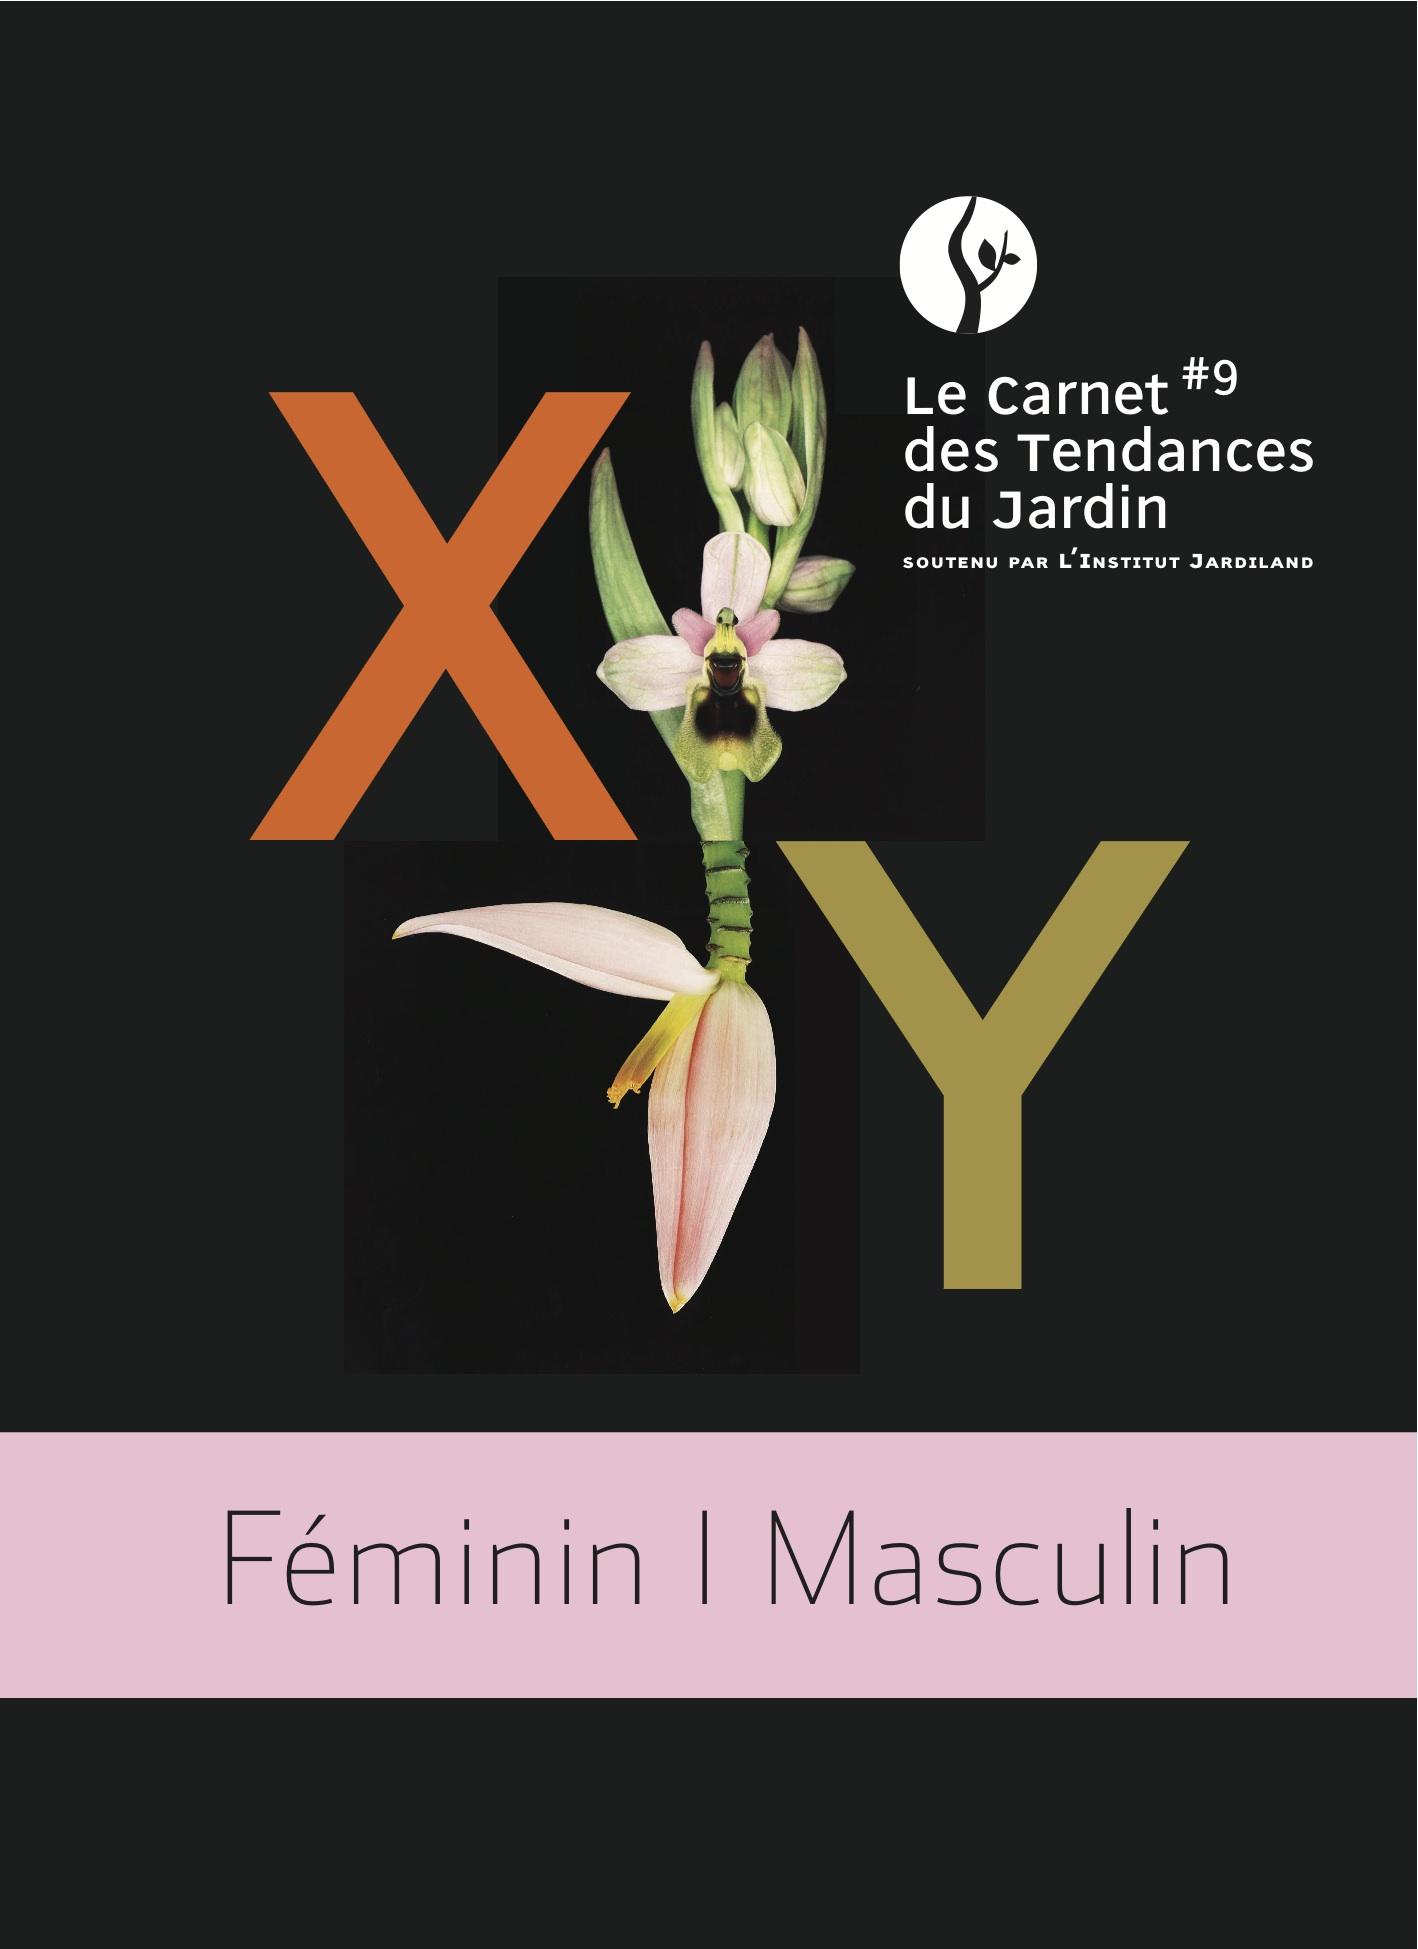 Couverture du carnet XY (Observatoire des tendances du jardin)